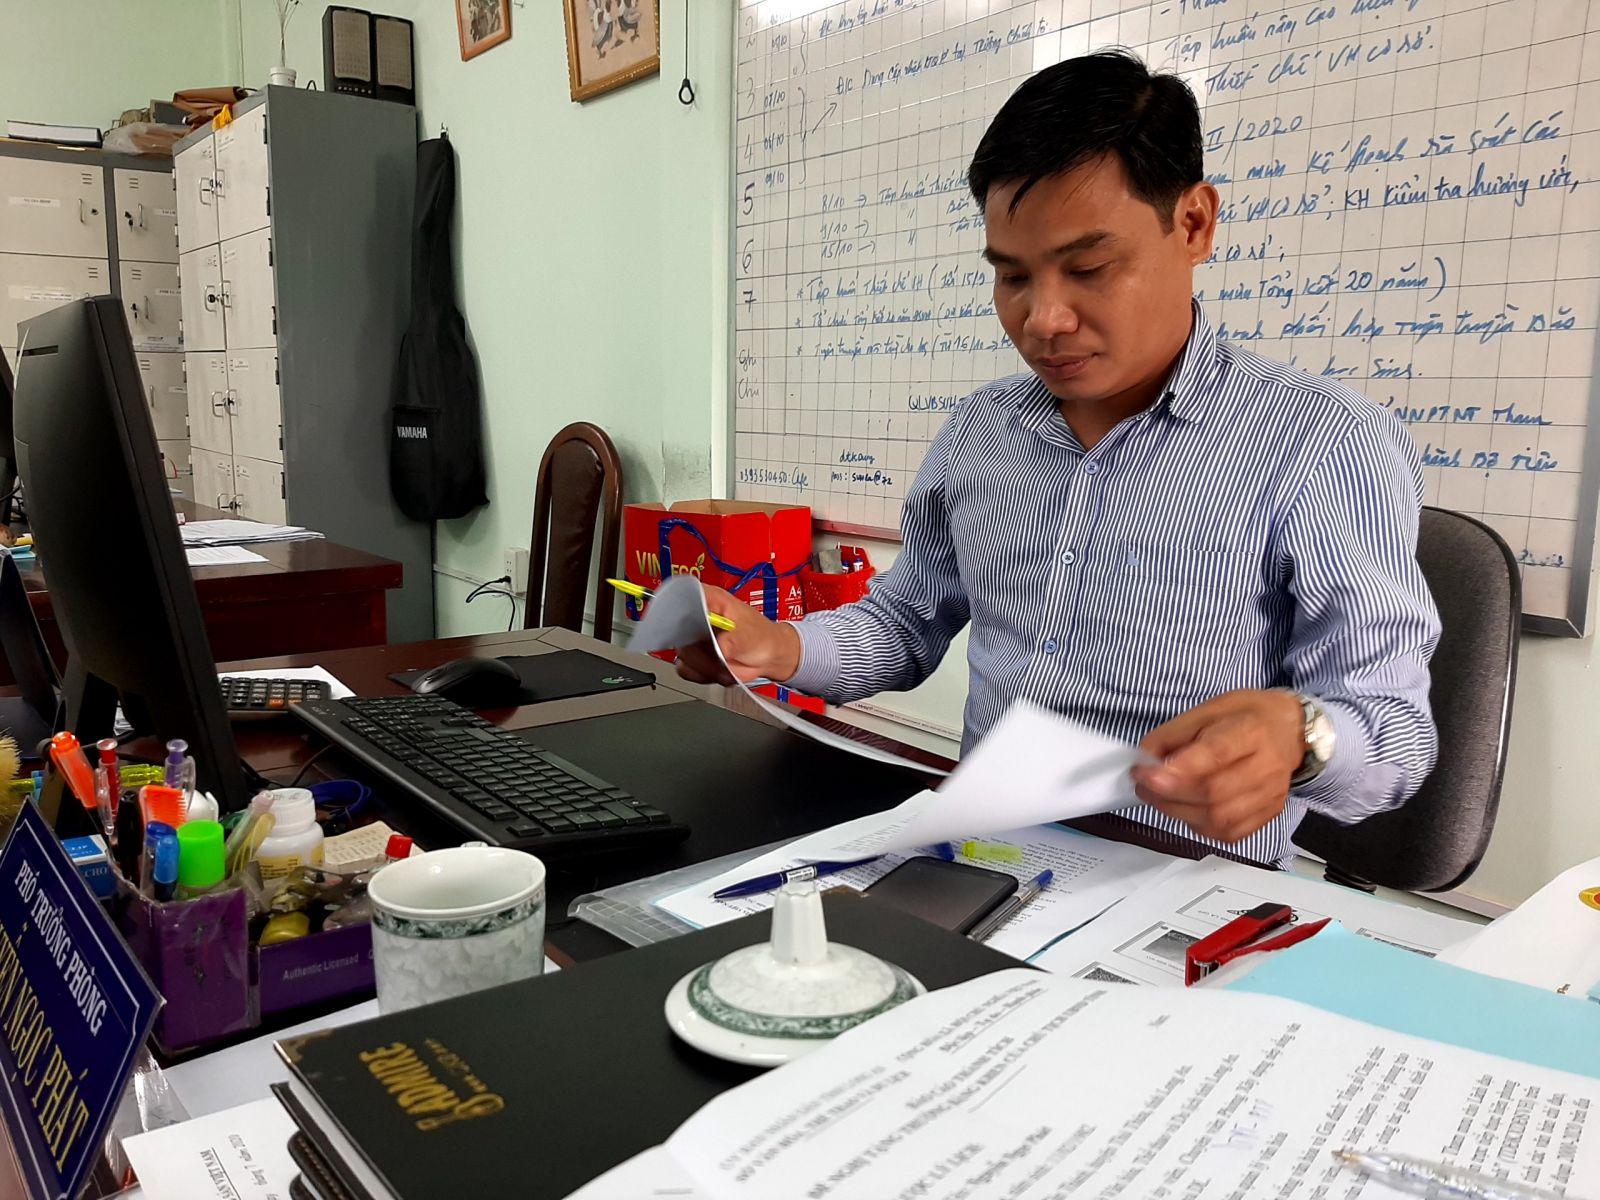 Làm công tác tham mưu nên anh Nguyễn Ngọc Phát luôn yêu cầu bản thân nắm rõ tình hình kinh tế, văn hóa của toàn tỉnh và đặc điểm riêng của từng địa phương để văn bản tham mưu có thể sát thực tế và áp dụng có hiệu quả